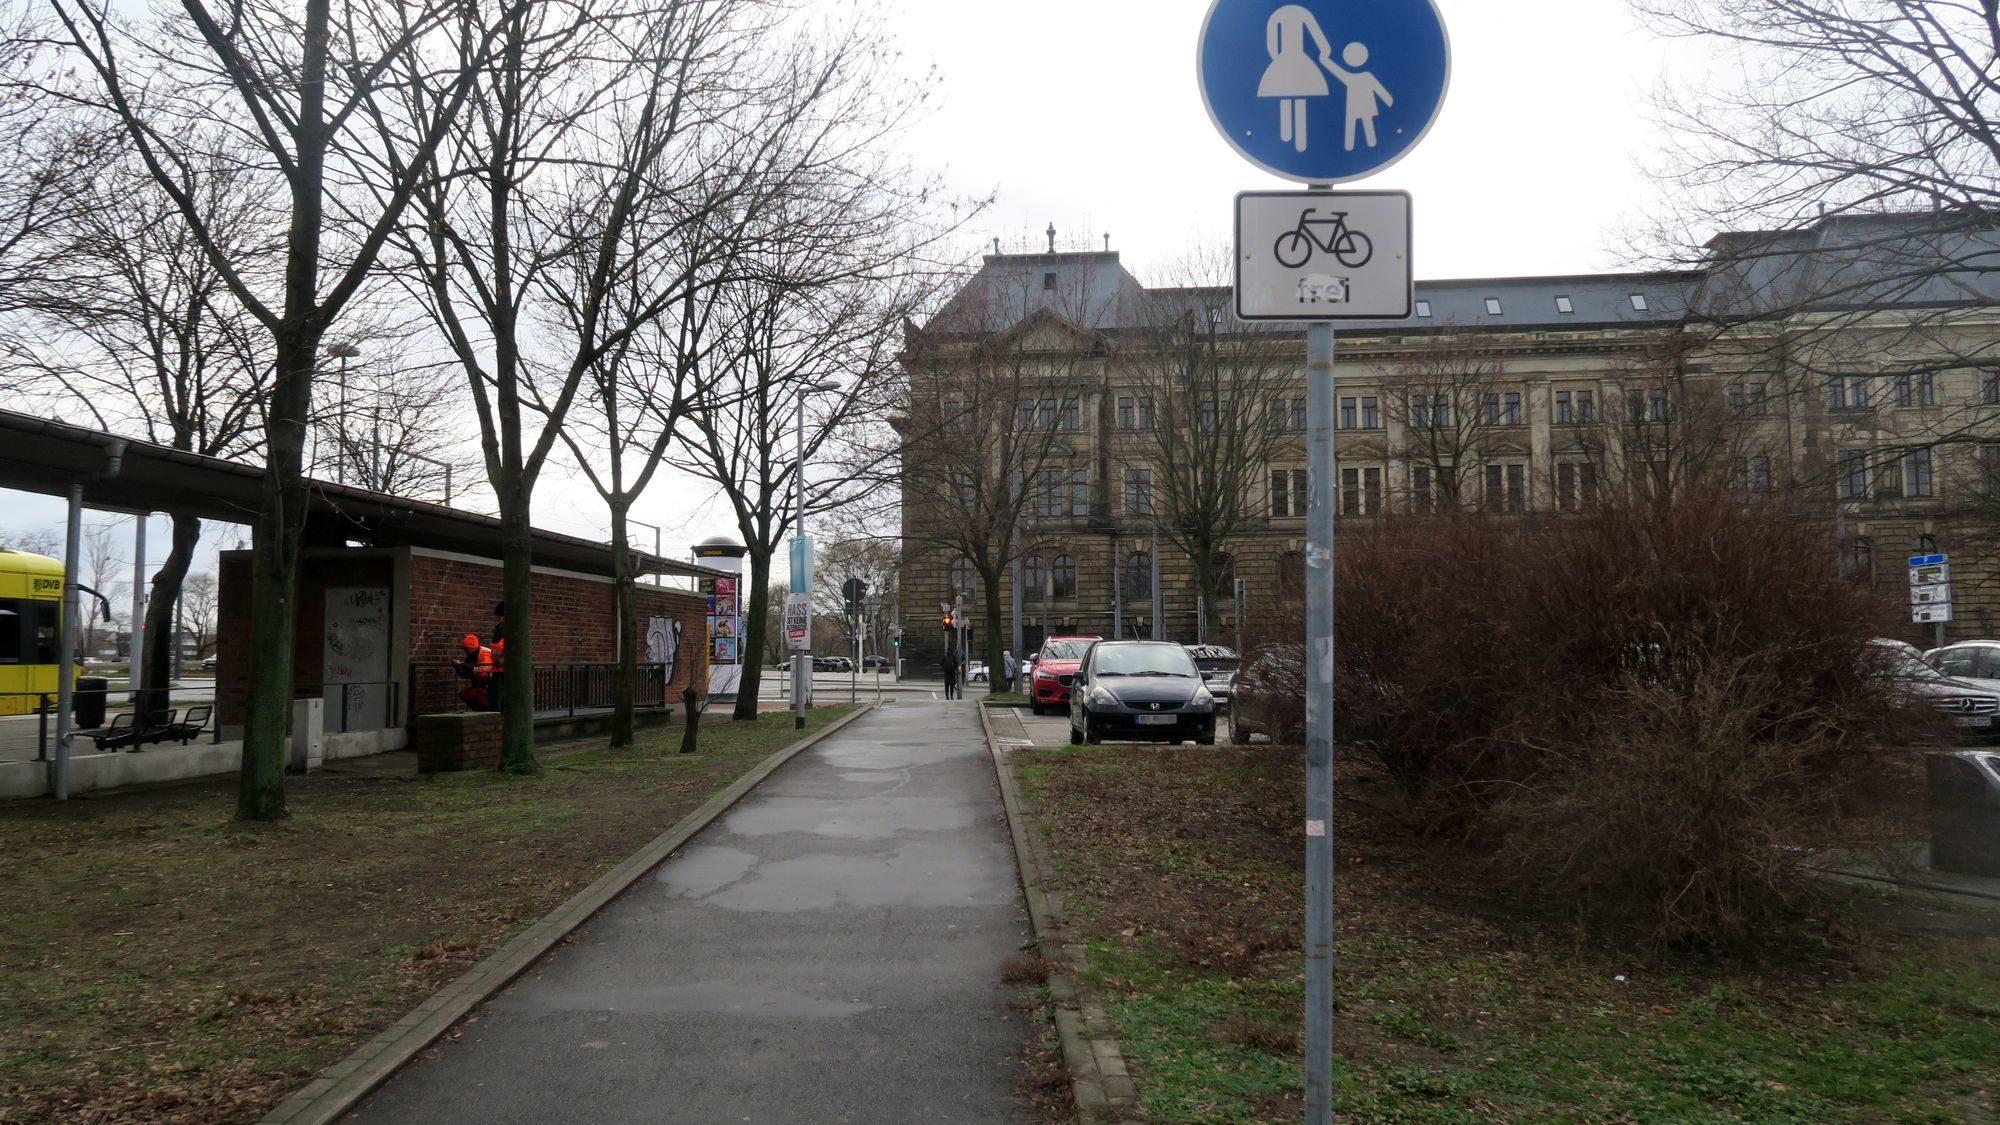 Zum Schluss darf man dann als Radfahrer über den Fußweg. In der Gegenrichtung dürfen sich Radfahrer ebenfalls den Fußweg mit den Fußgängern teilen.